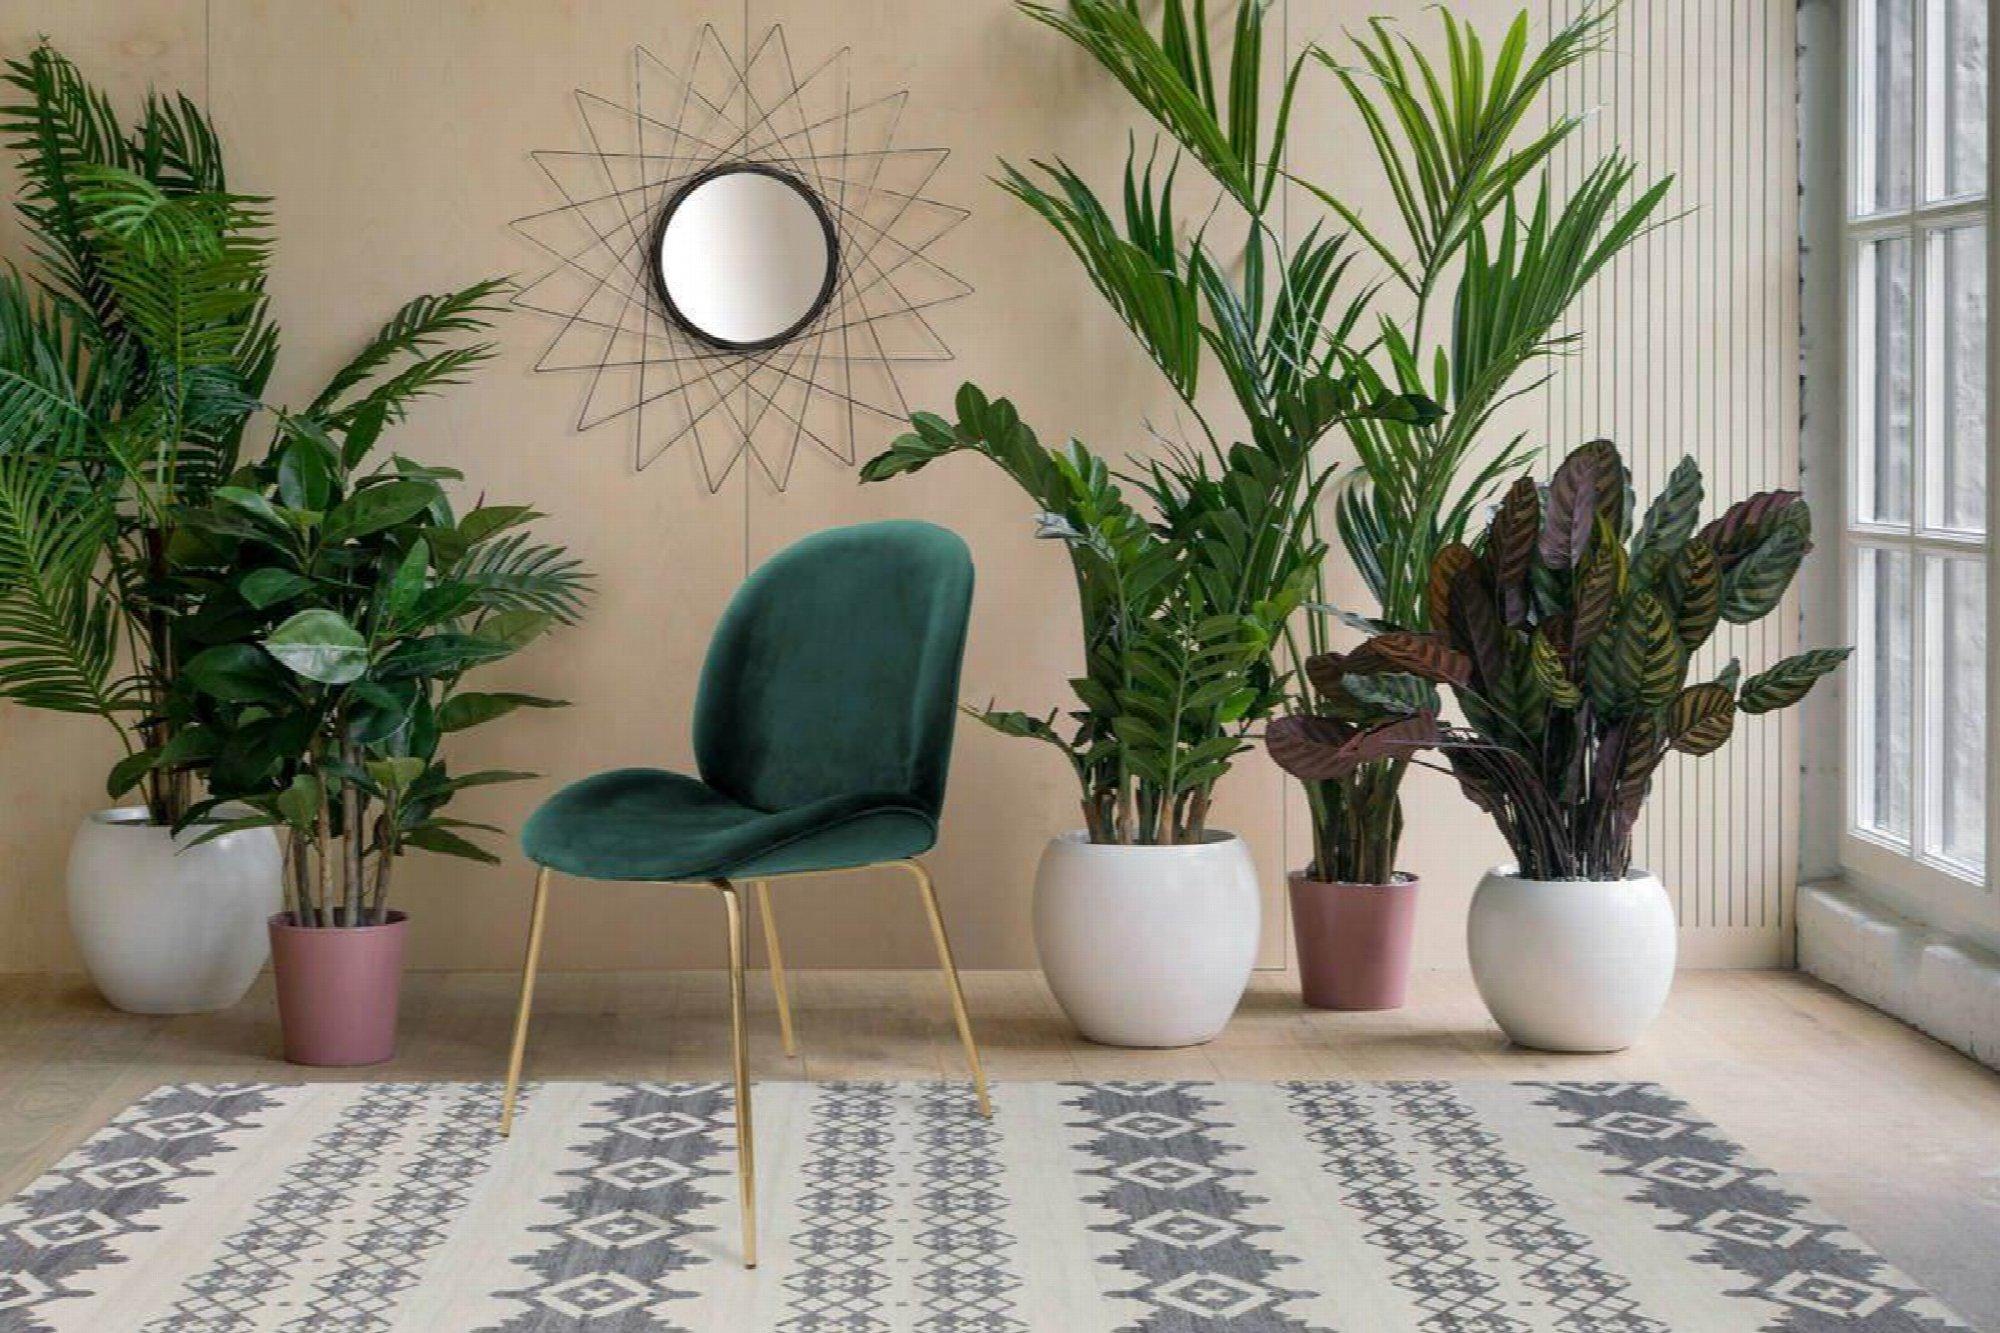 Chaise rembourrée assise vert bouteille pieds doré (x2)